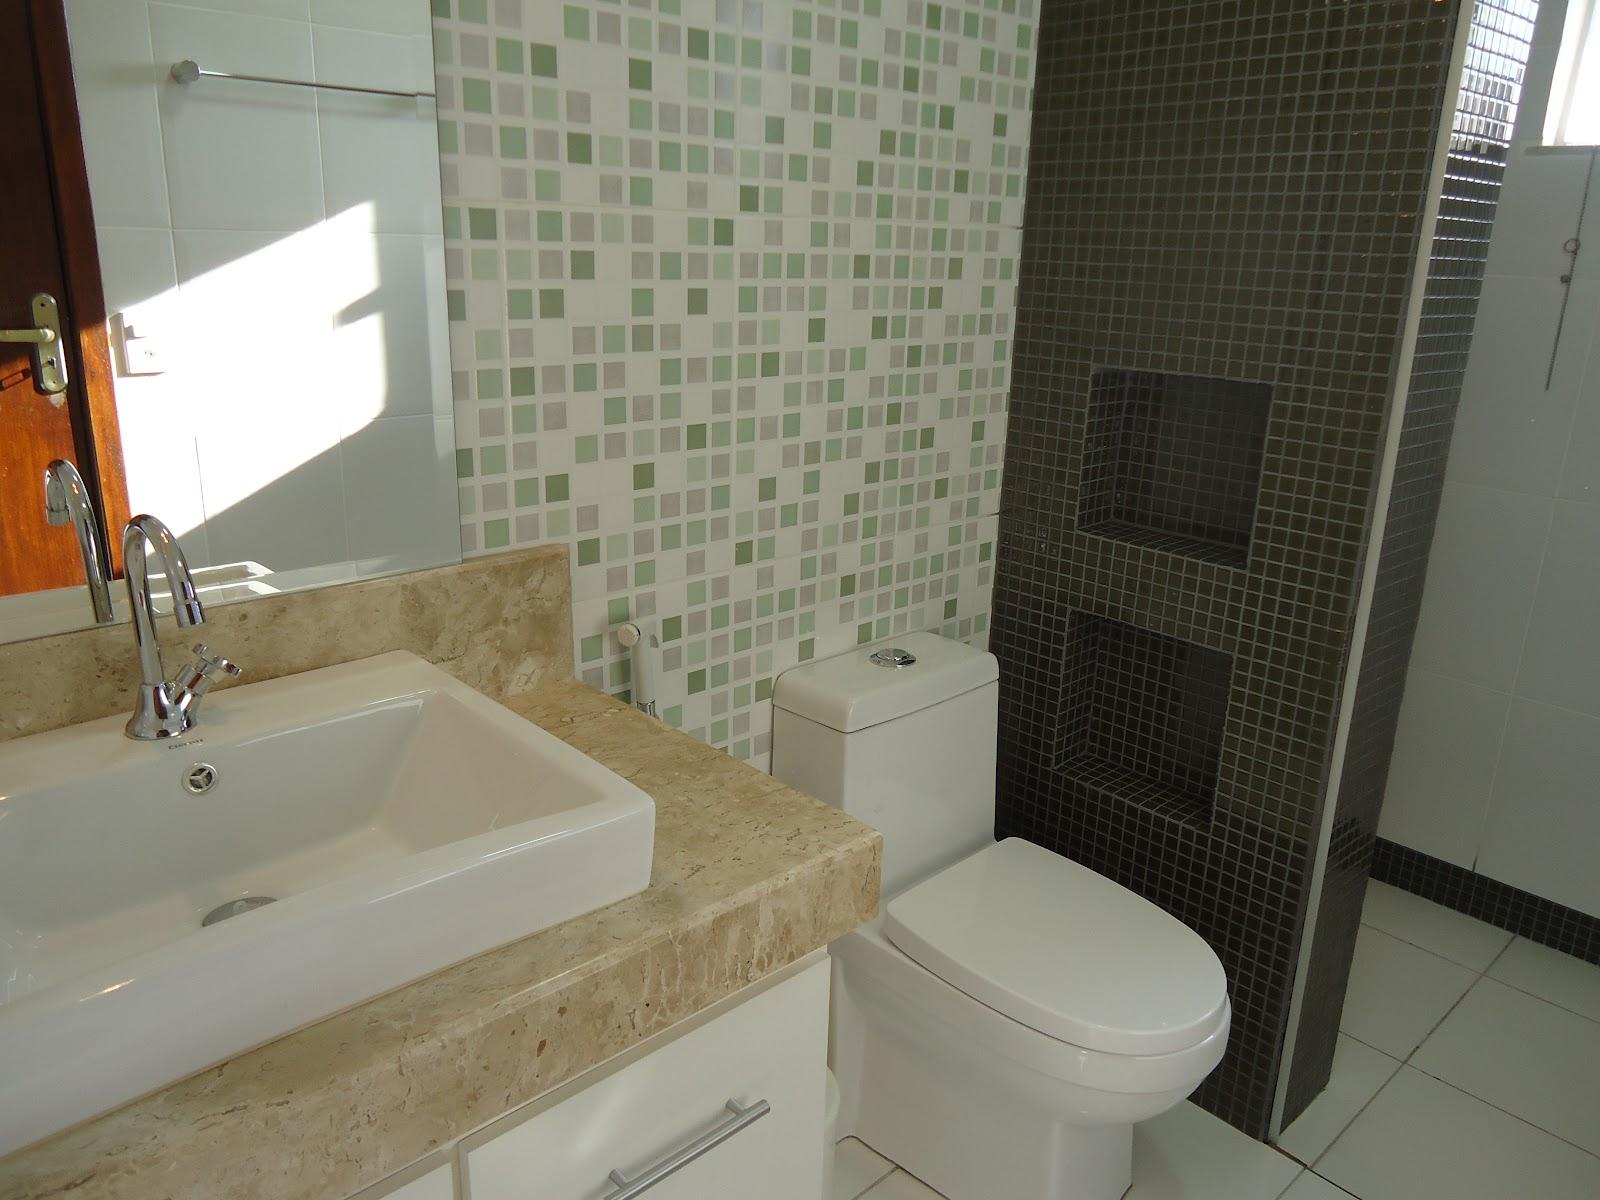 Arquiteta Bianca Monteiro Pastilhas e vidro nos banheiros -> Bancada De Banheiro Com Pastilha De Vidro